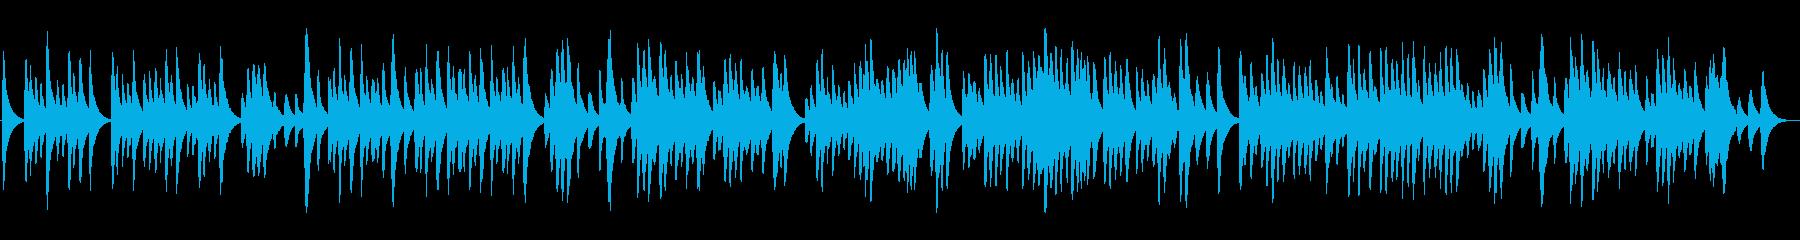 ラヴェル「亡き王女の…」のオルゴールの再生済みの波形